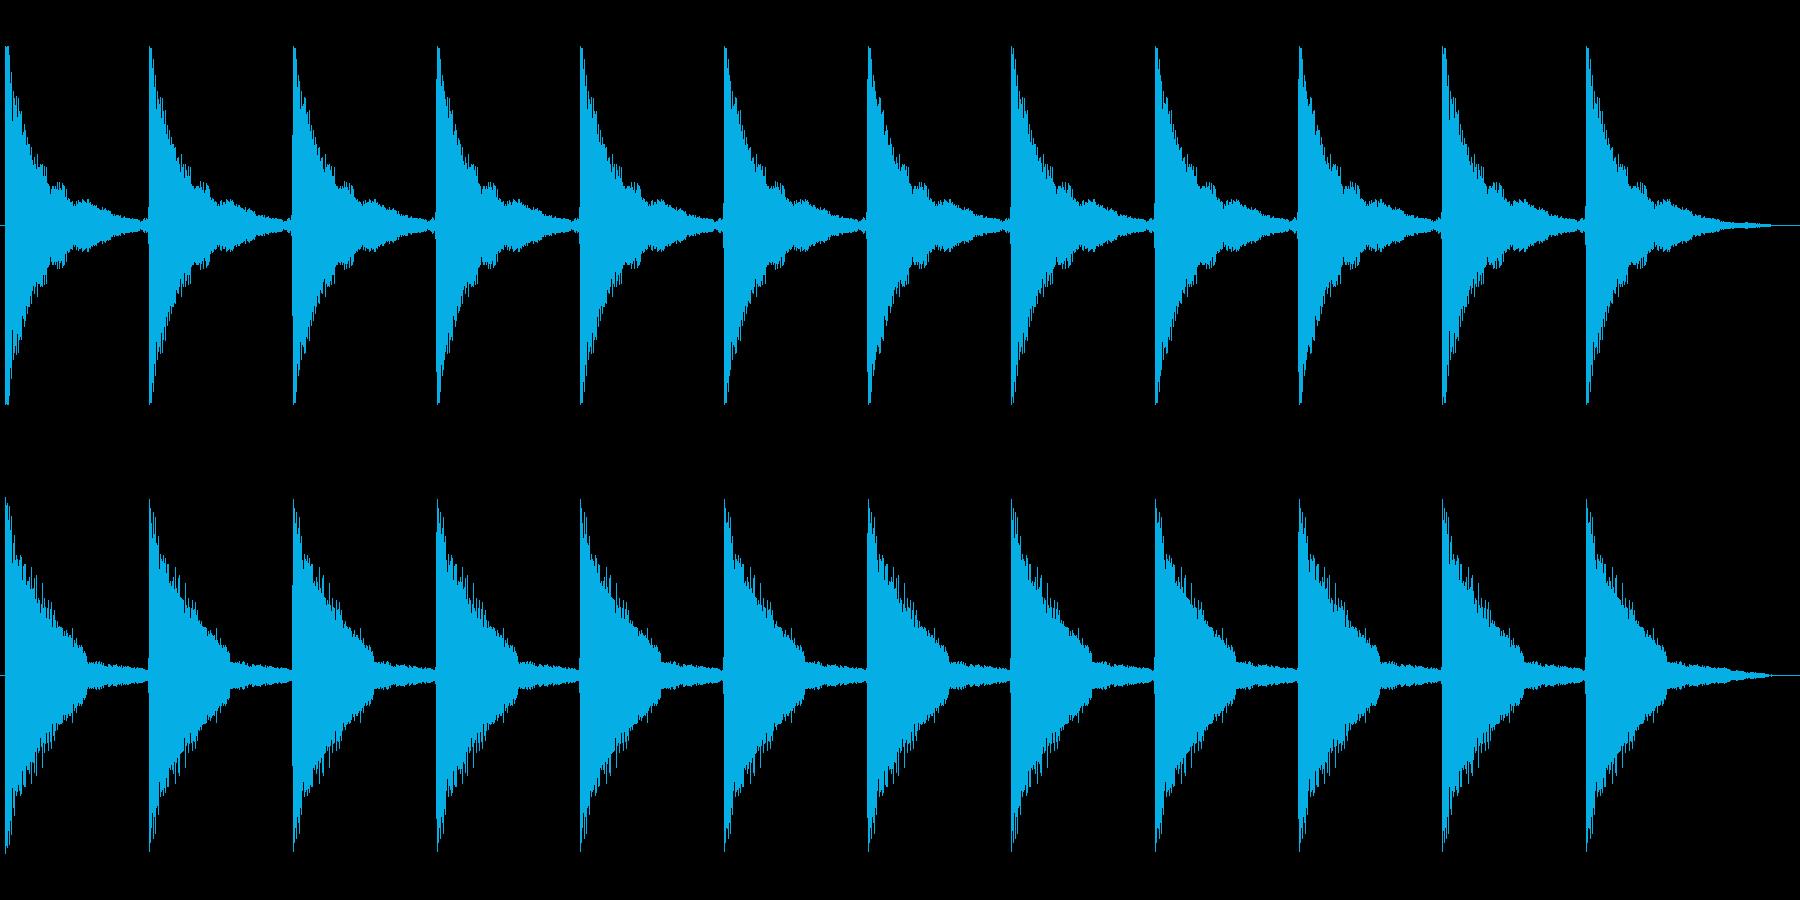 機械式振り子時計の12時の時報の再生済みの波形